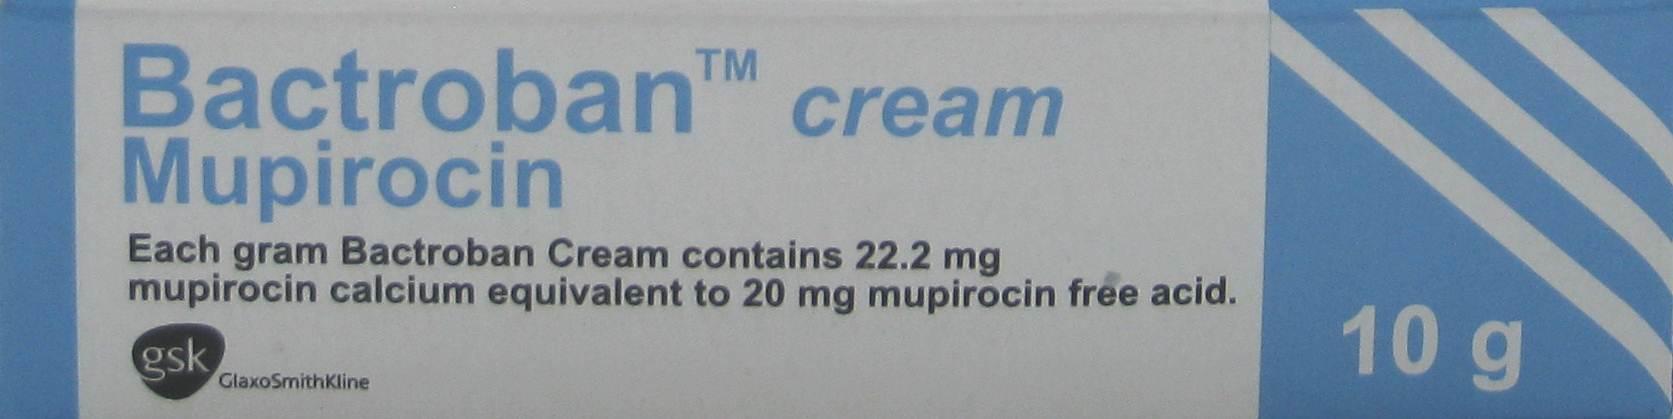 BACTROBAN CREAM 10 G